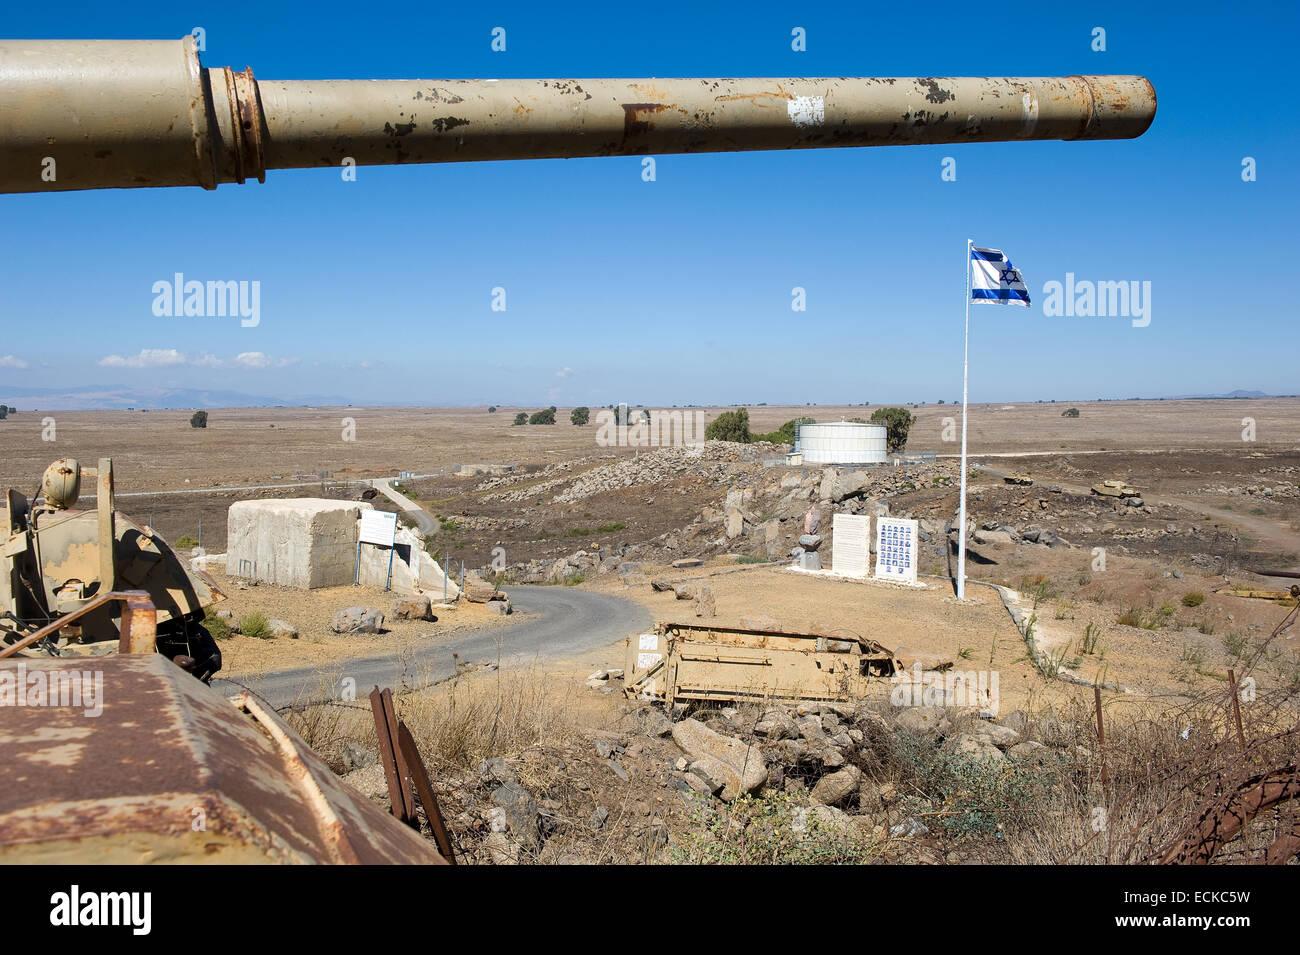 Canna di un vecchio centurione serbatoio su 'tel e-saki 'sulle alture del Golan in Israele Immagini Stock